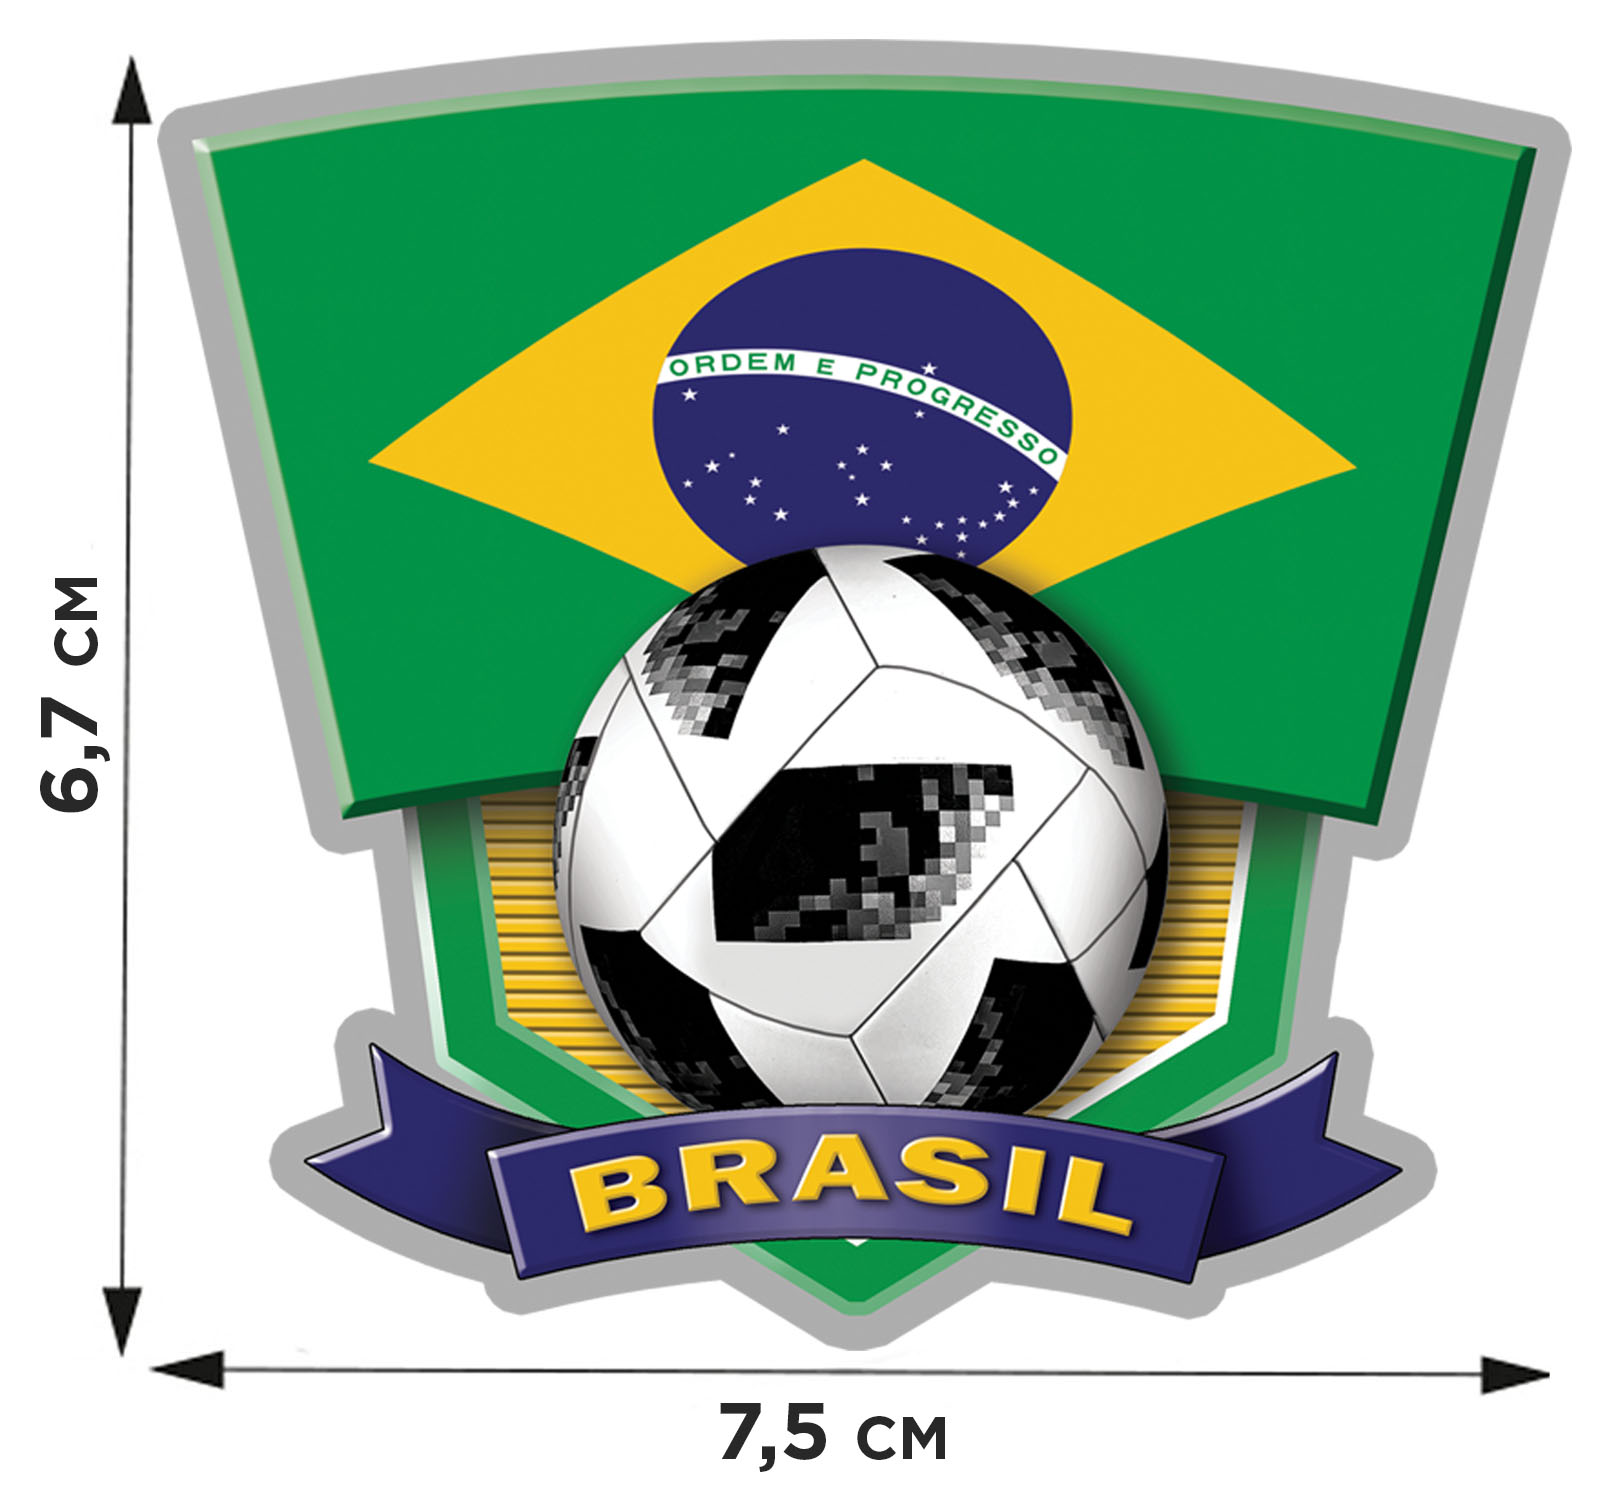 Сублимация сборной Бразилии